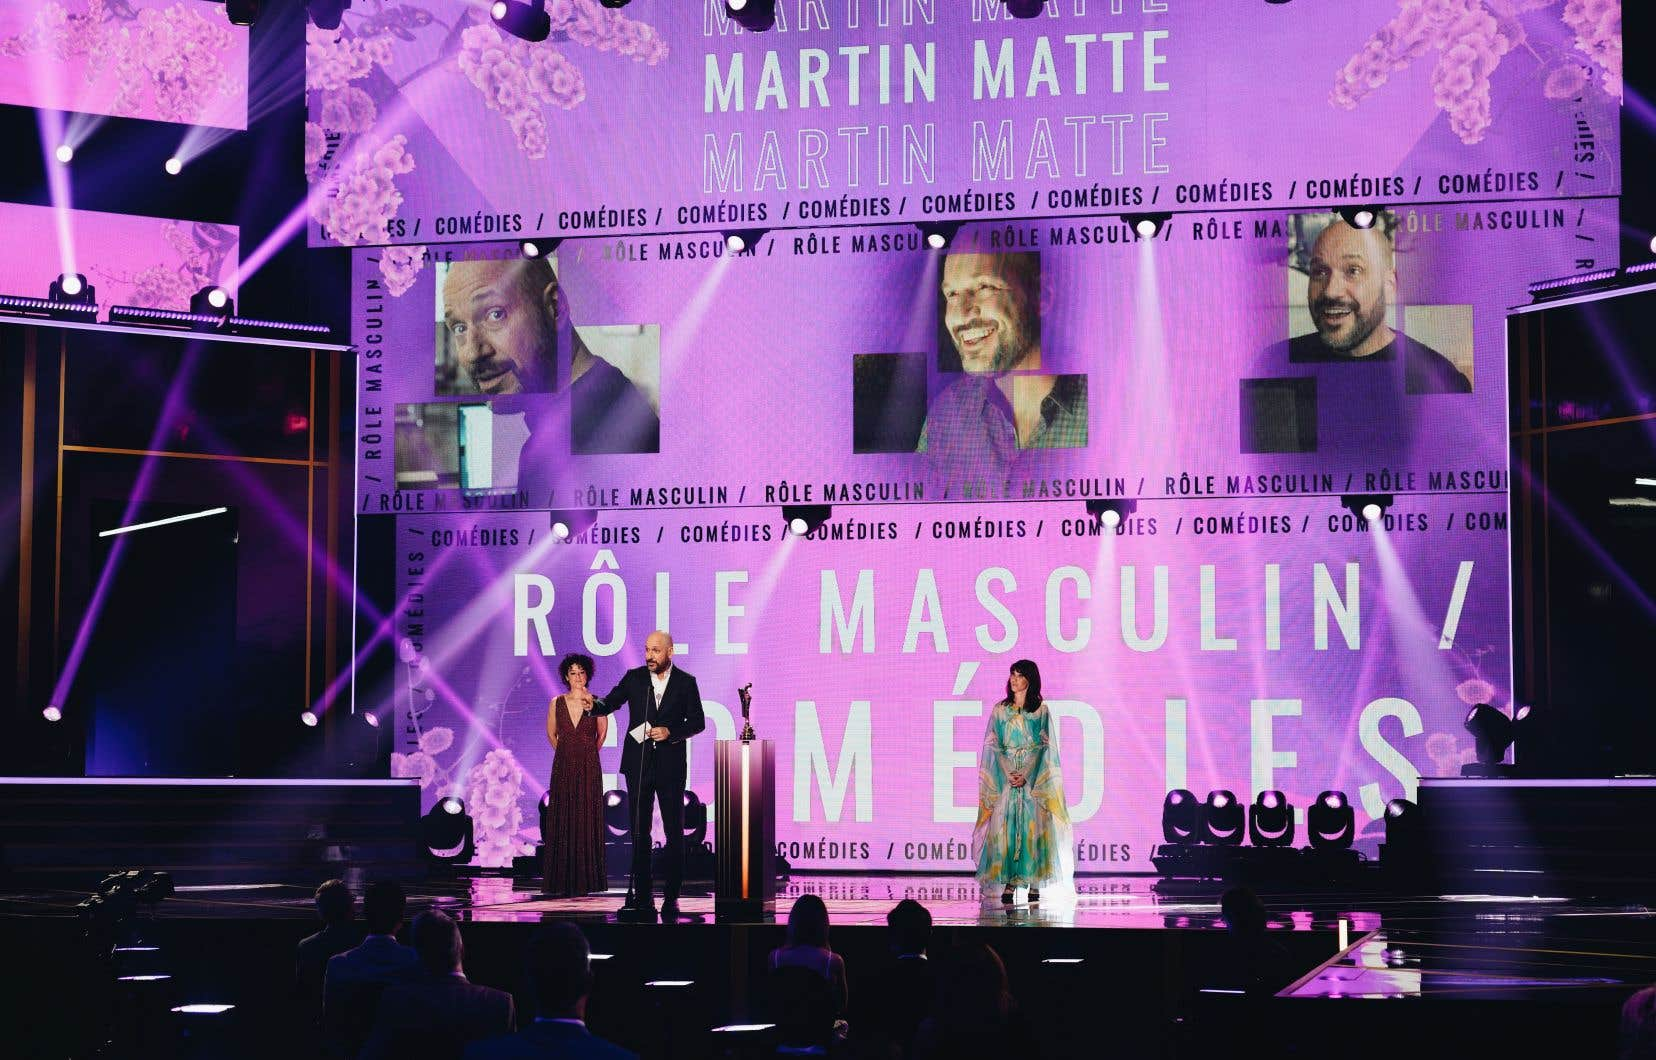 L'humoriste et acteur Martin Matte a été couronné personnalité masculine de l'année, dimanche, lors du Gala Artis.